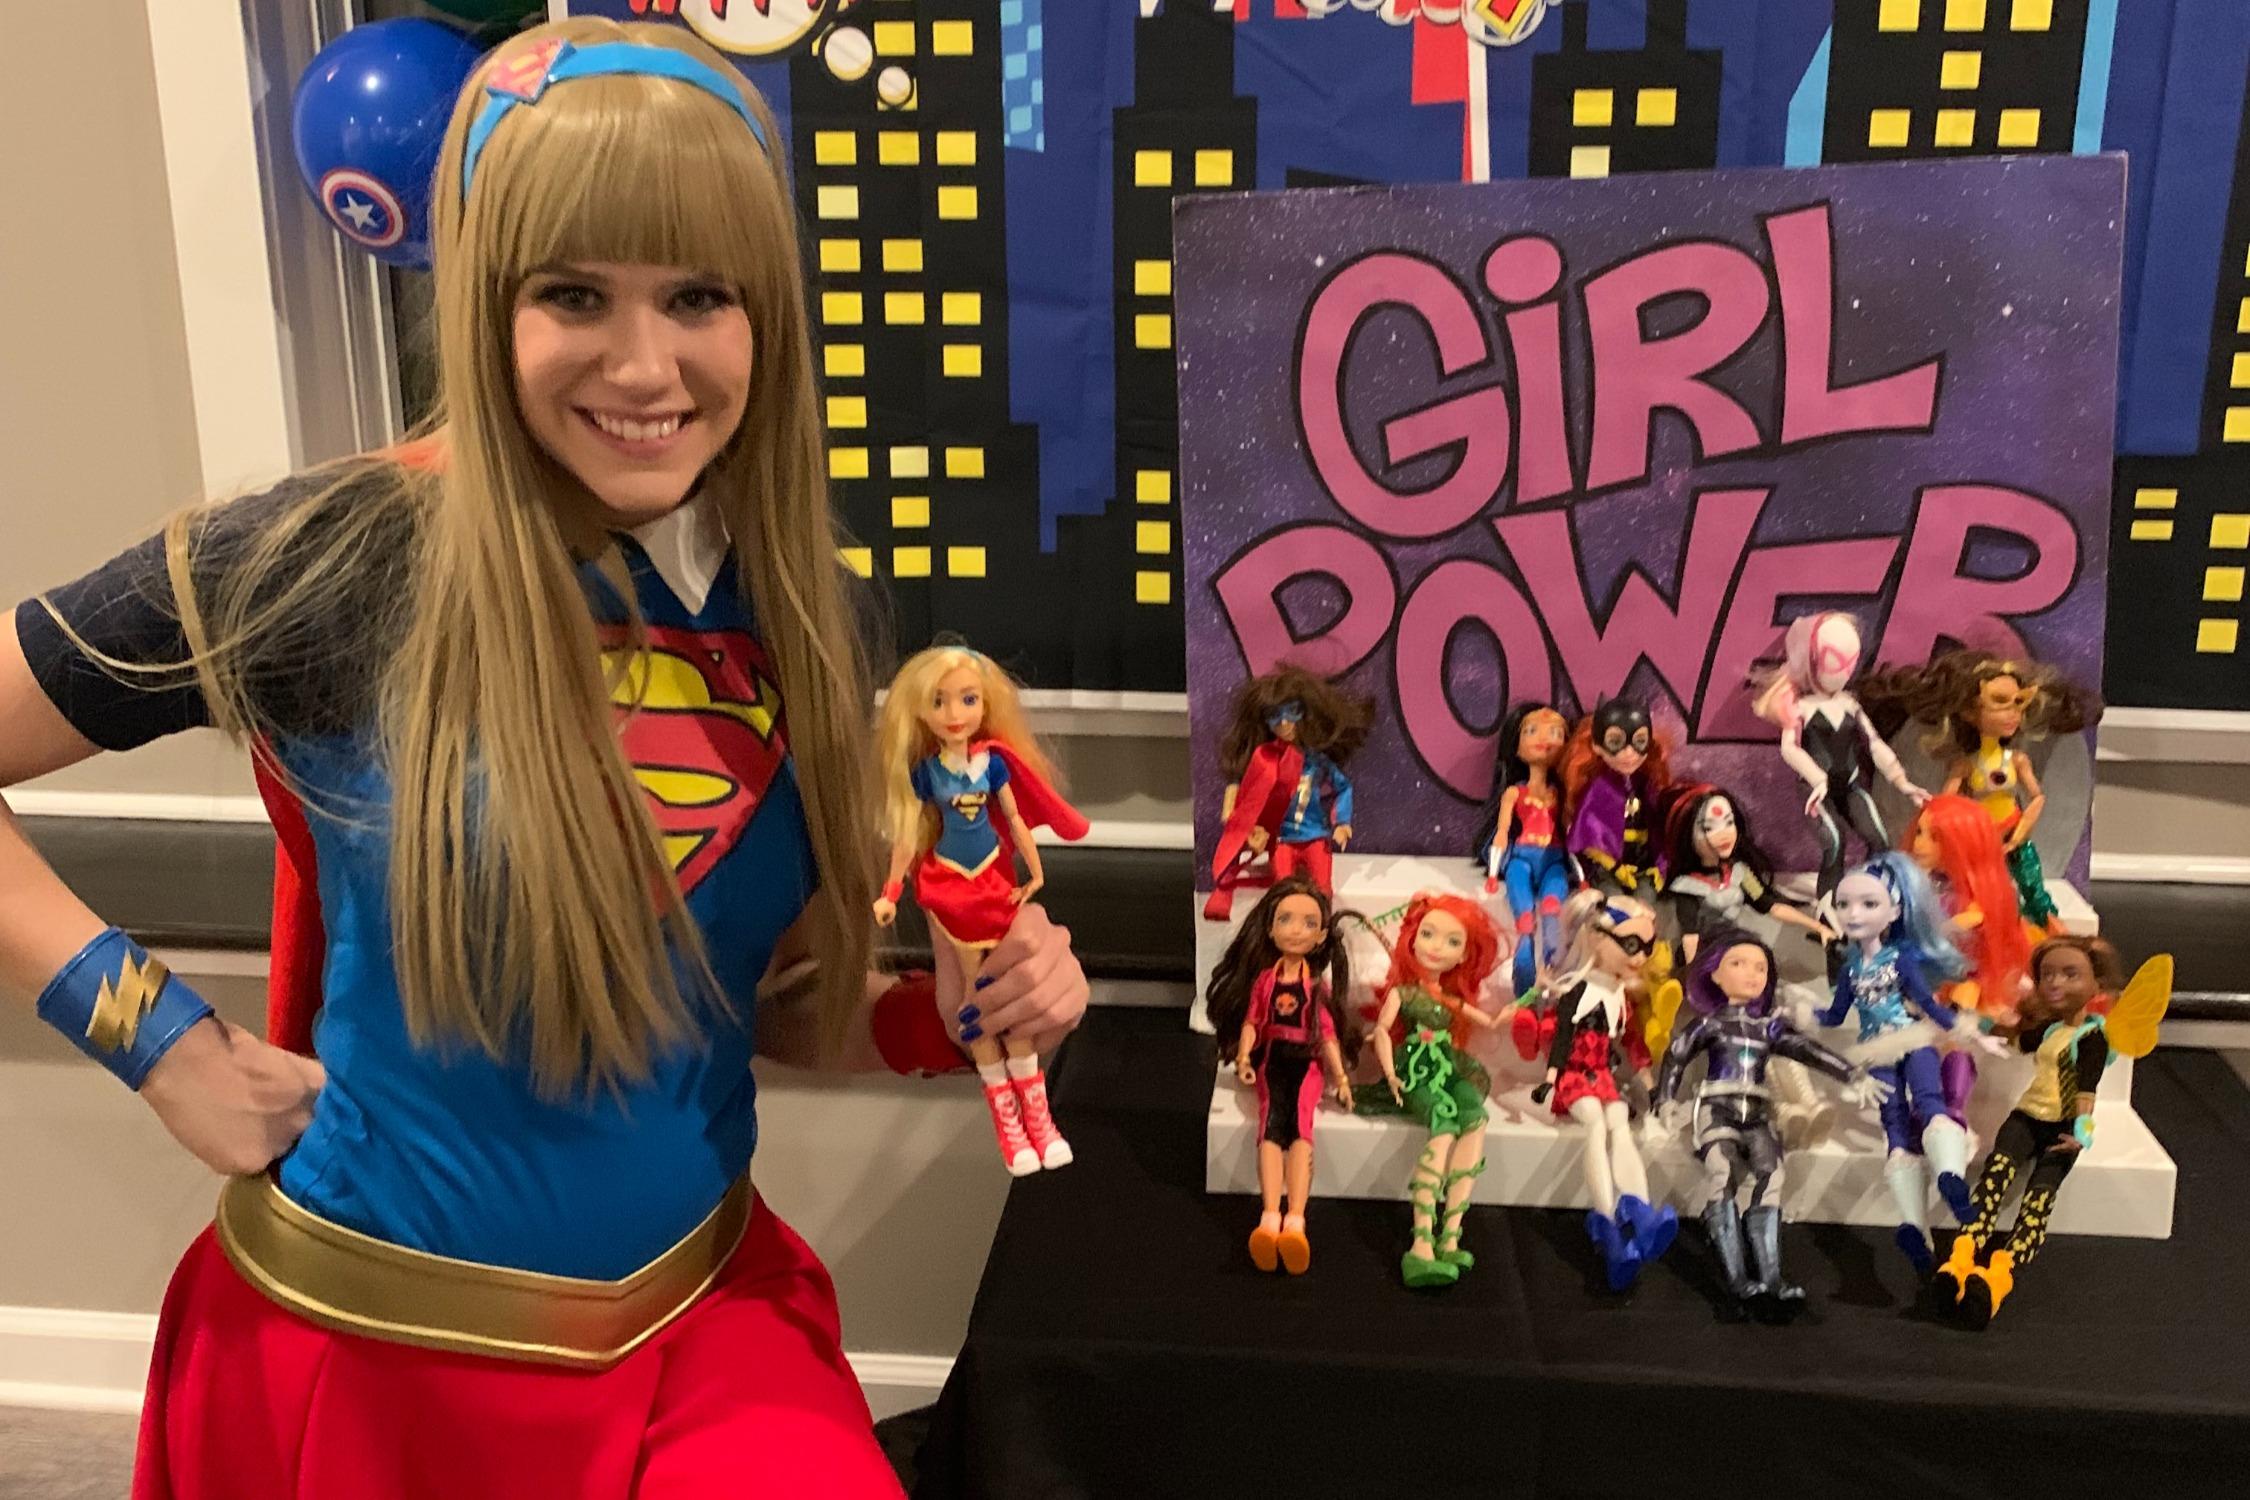 Girl Power Cake Backer!